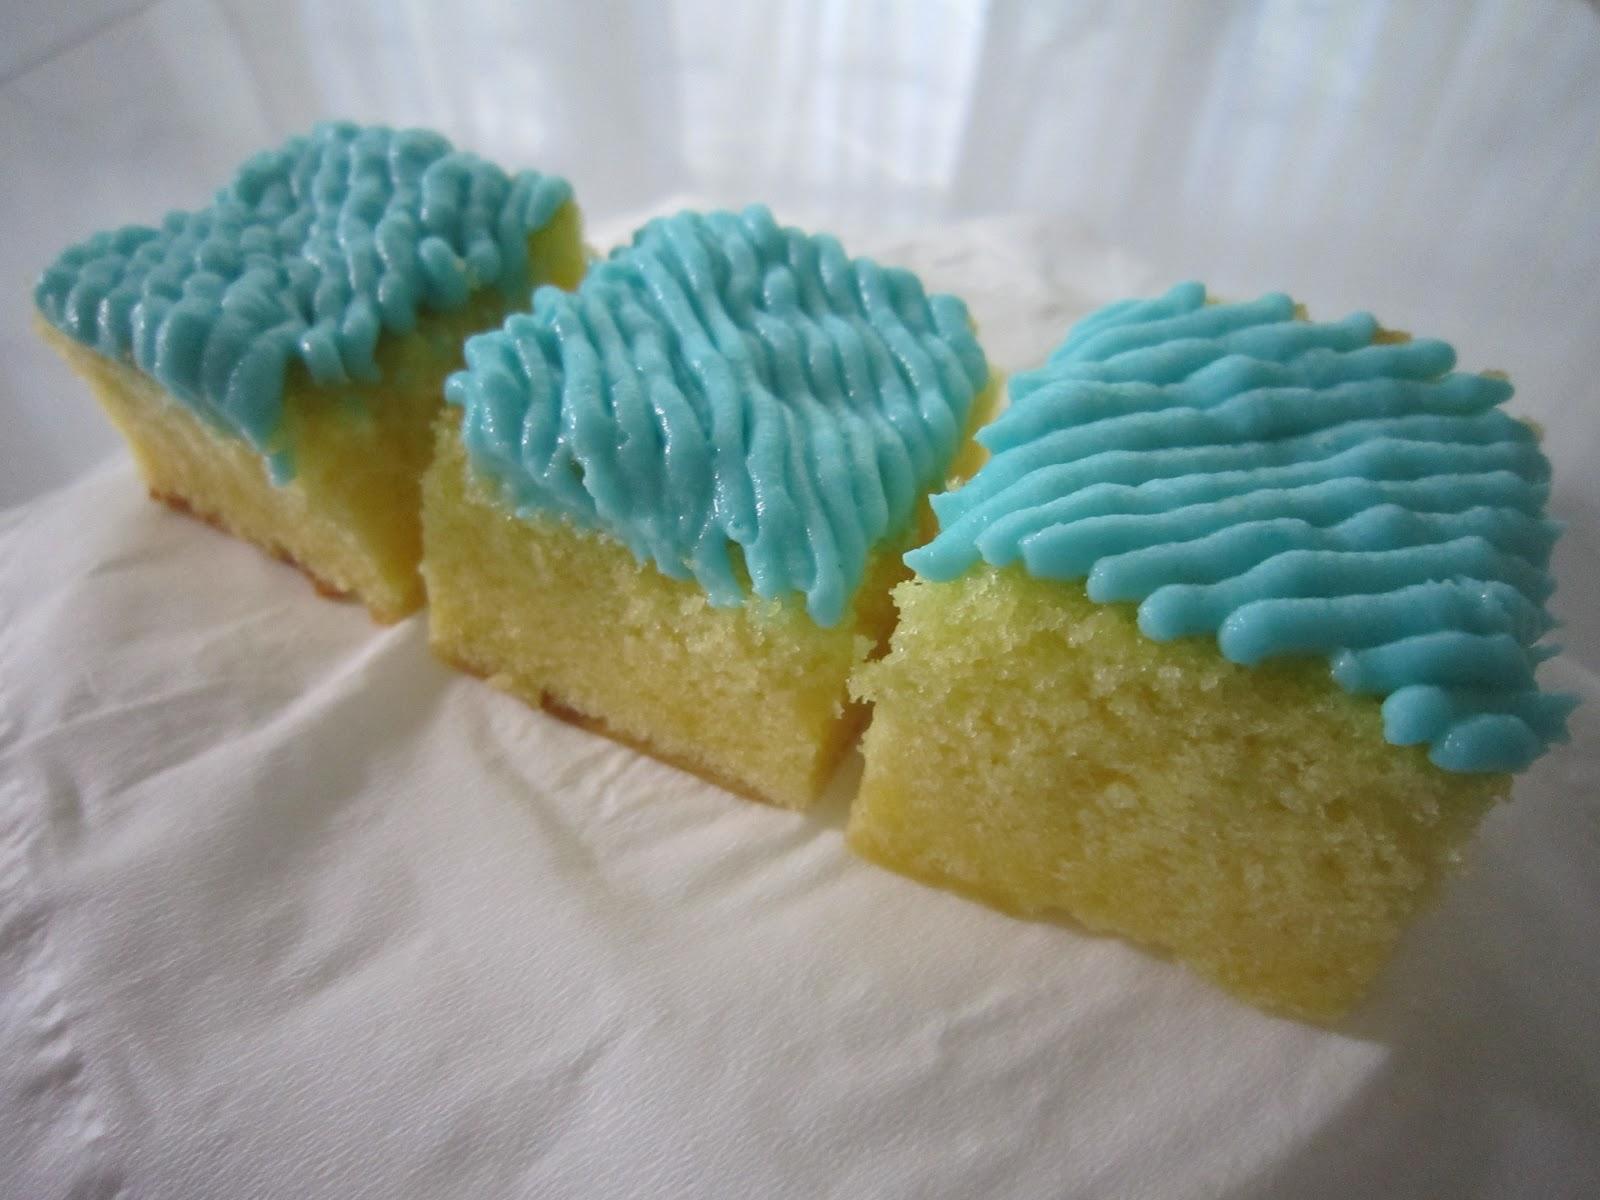 Resep Sponge Cake Jepang: Journal Ibu Hanif: Resep Sponge Cake Enak, Lembut Dan Ekonomis